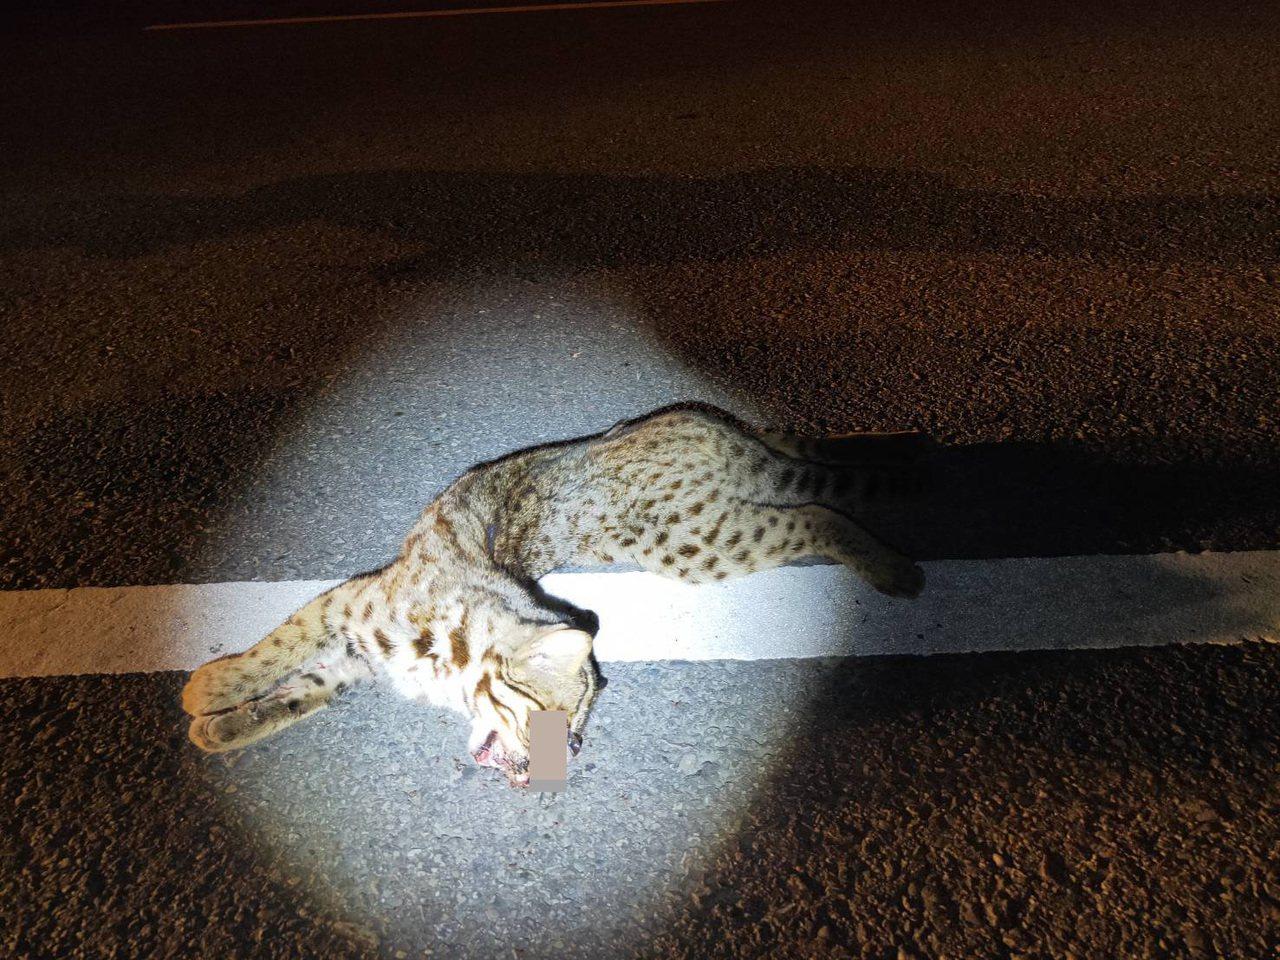 苗栗縣140縣道石虎路殺熱區,昨晚卓蘭路段發生1隻公石虎路殺事件。圖/民眾提供